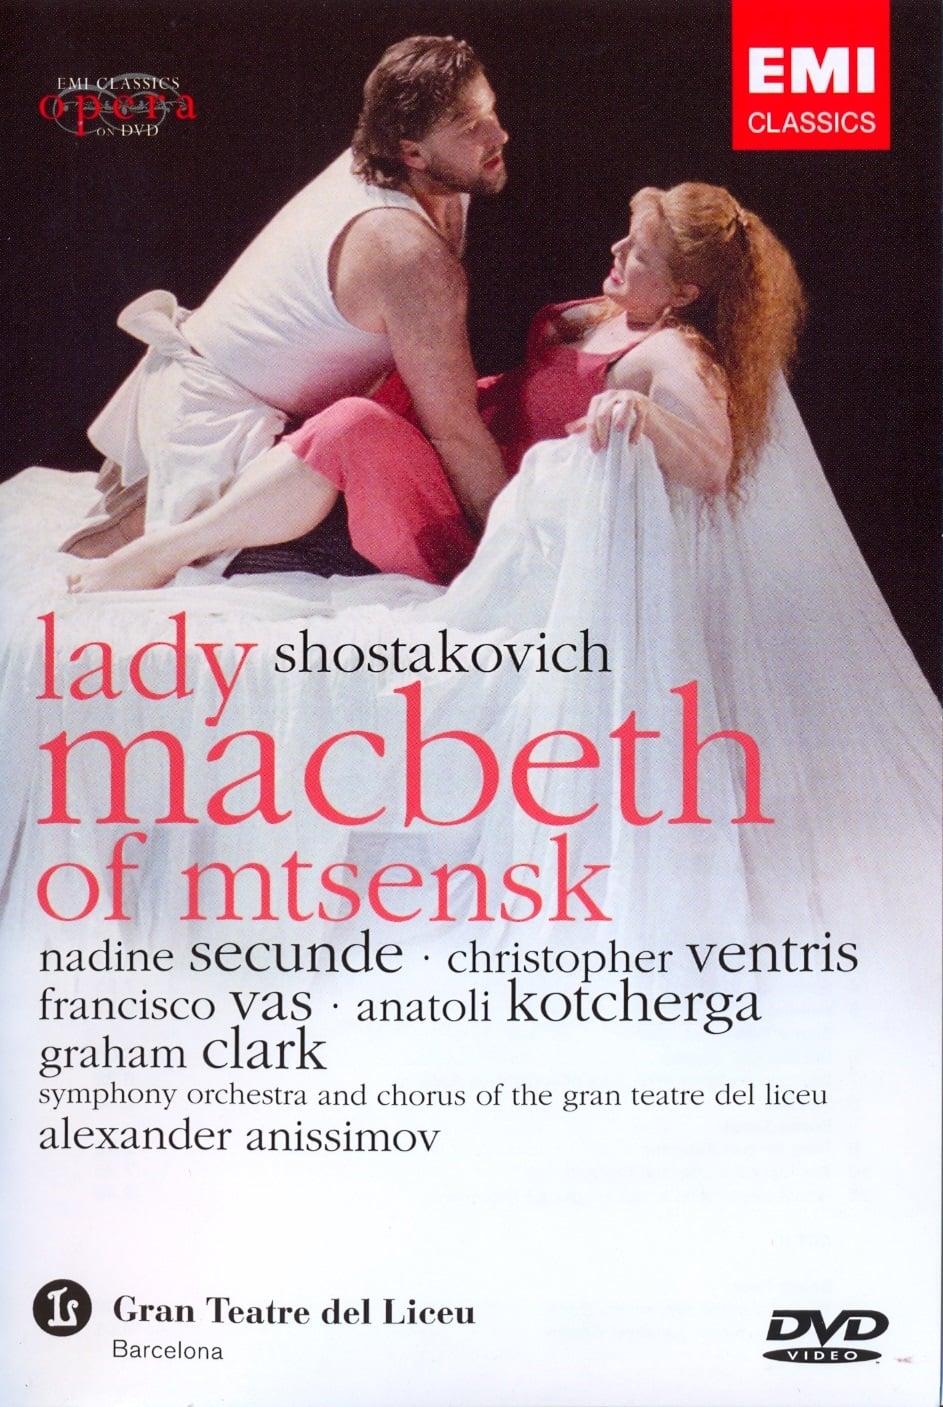 Lady Macbeth of Mtsensk (2002)